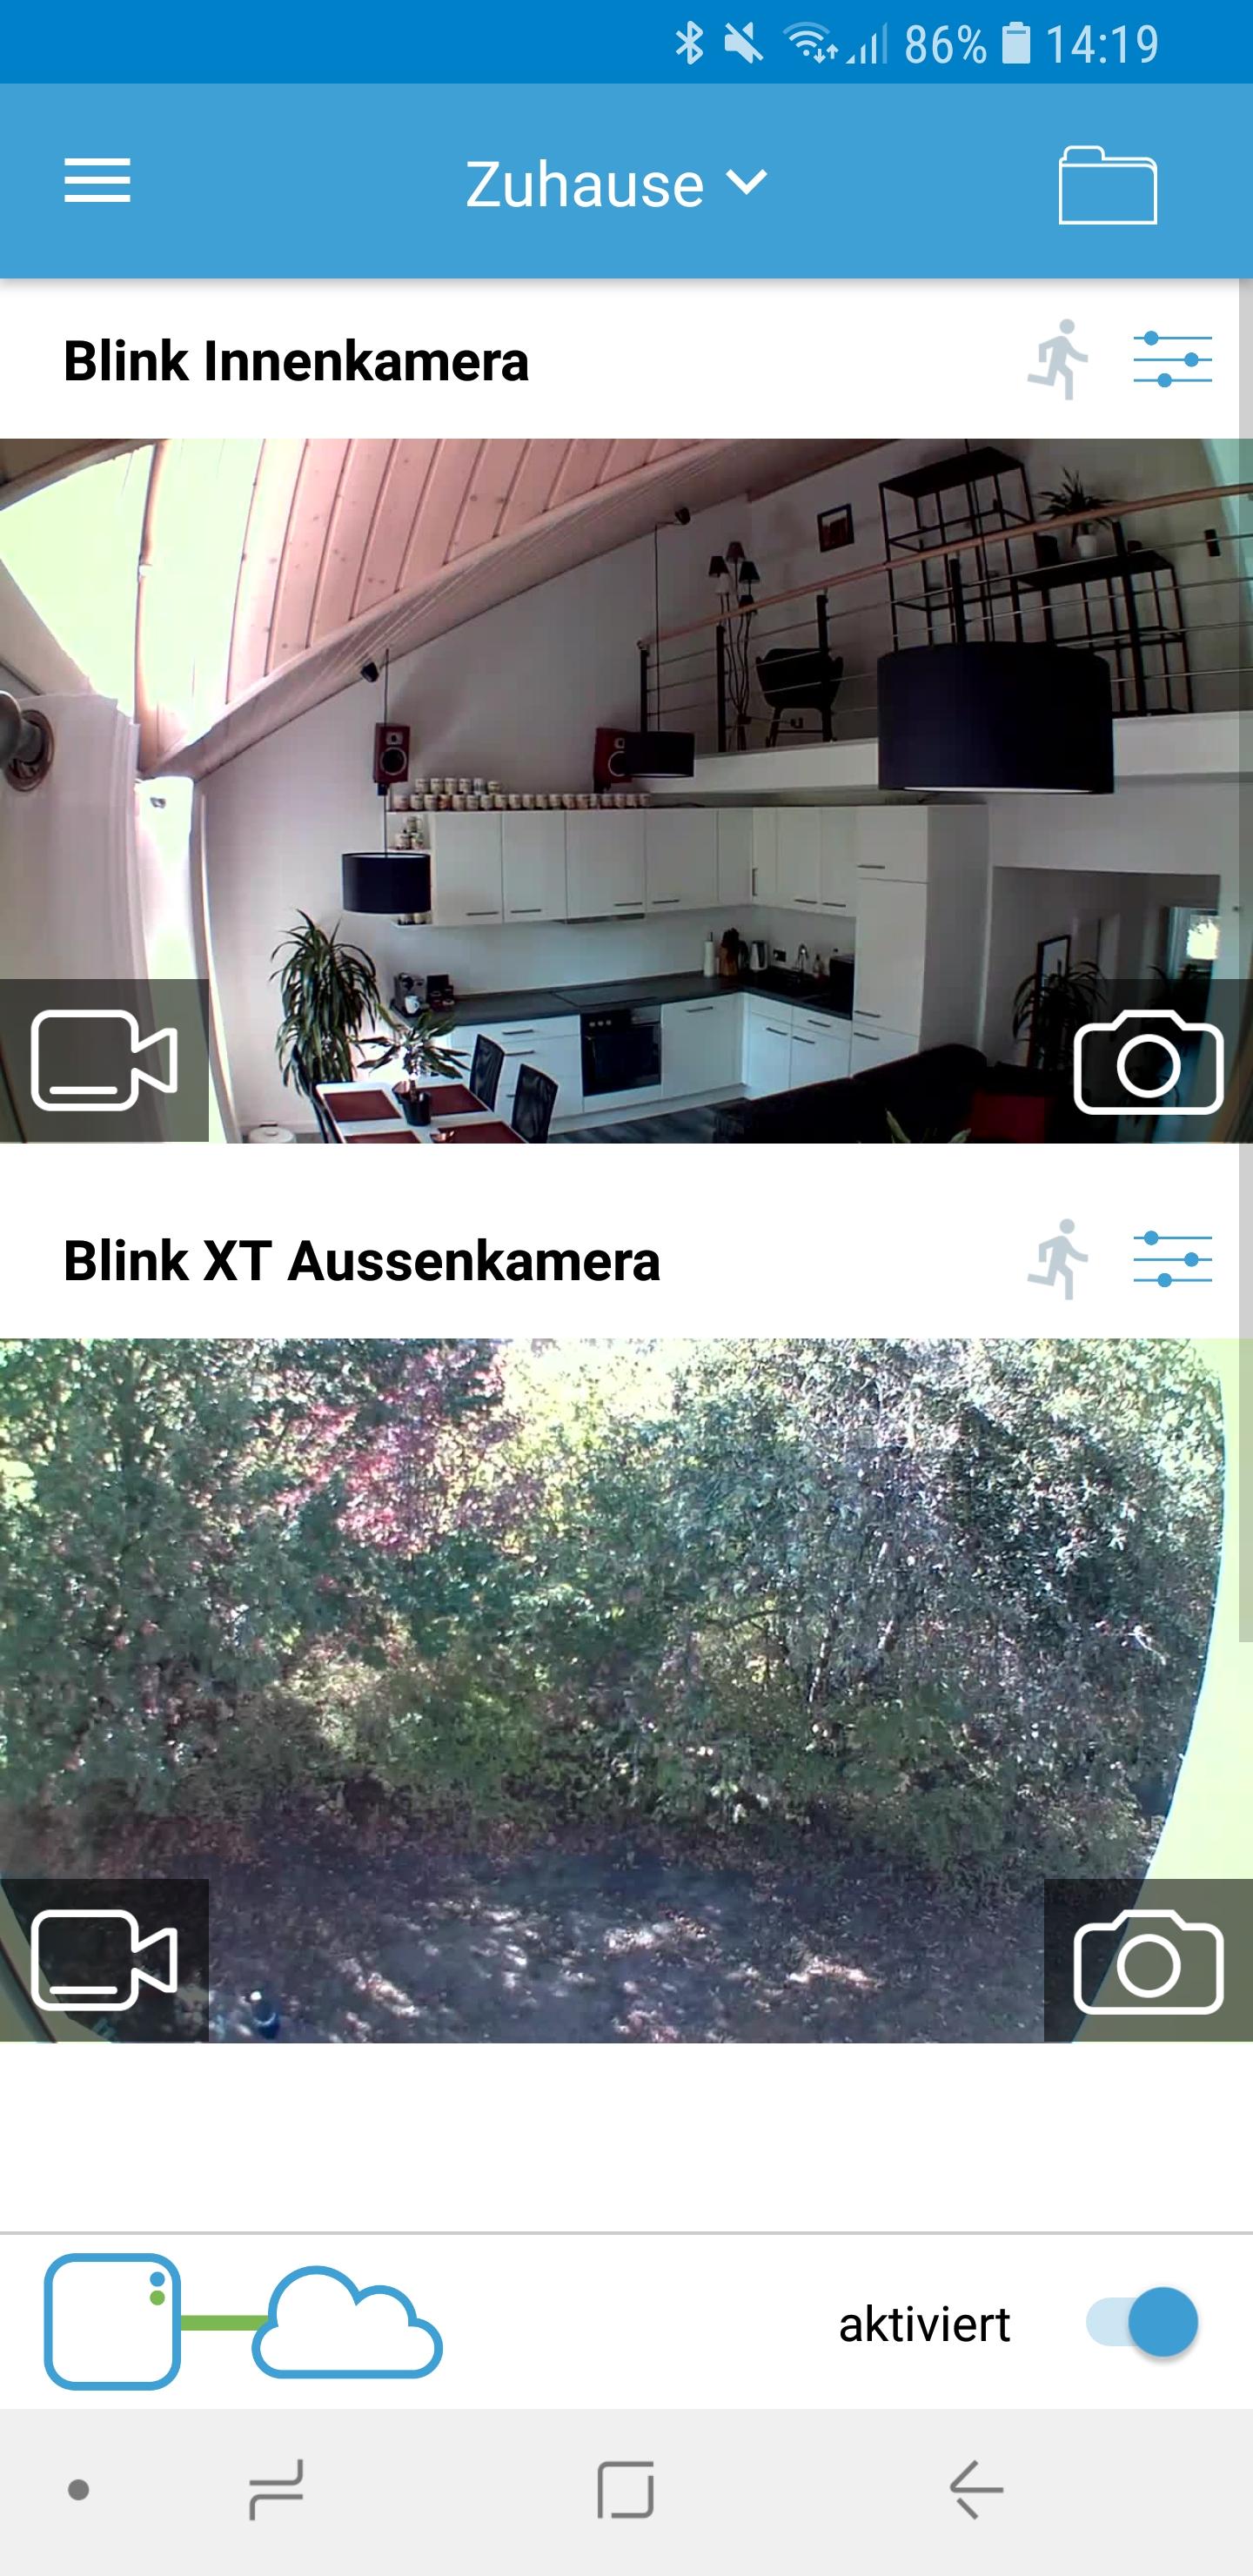 Blink XT App 05